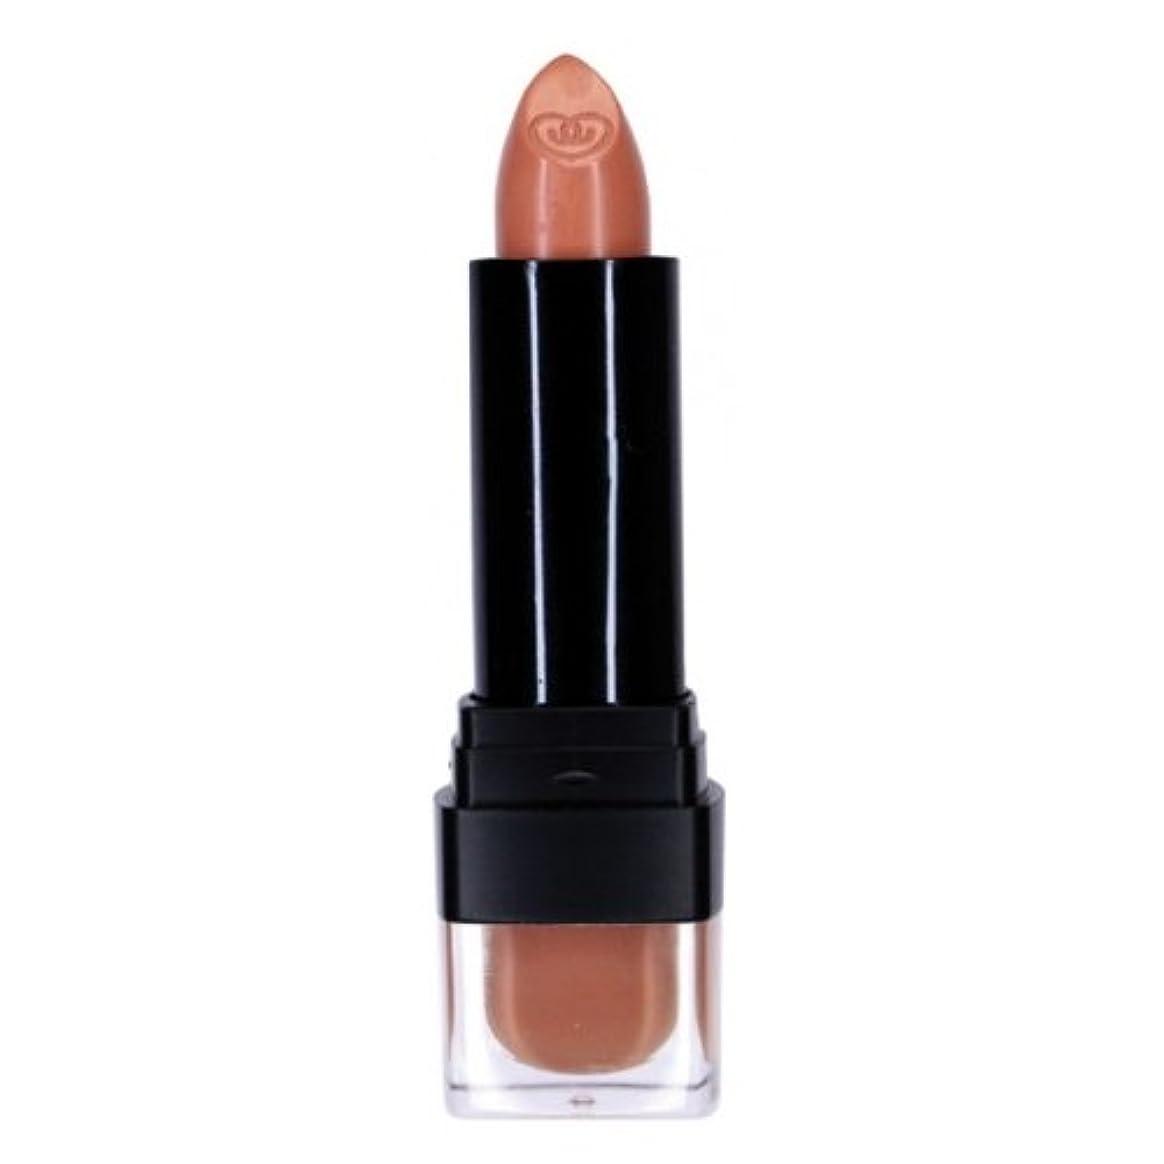 逃れるチャーミングマークされた(6 Pack) CITY COLOR City Chick Lipstick - Bare With Me (並行輸入品)